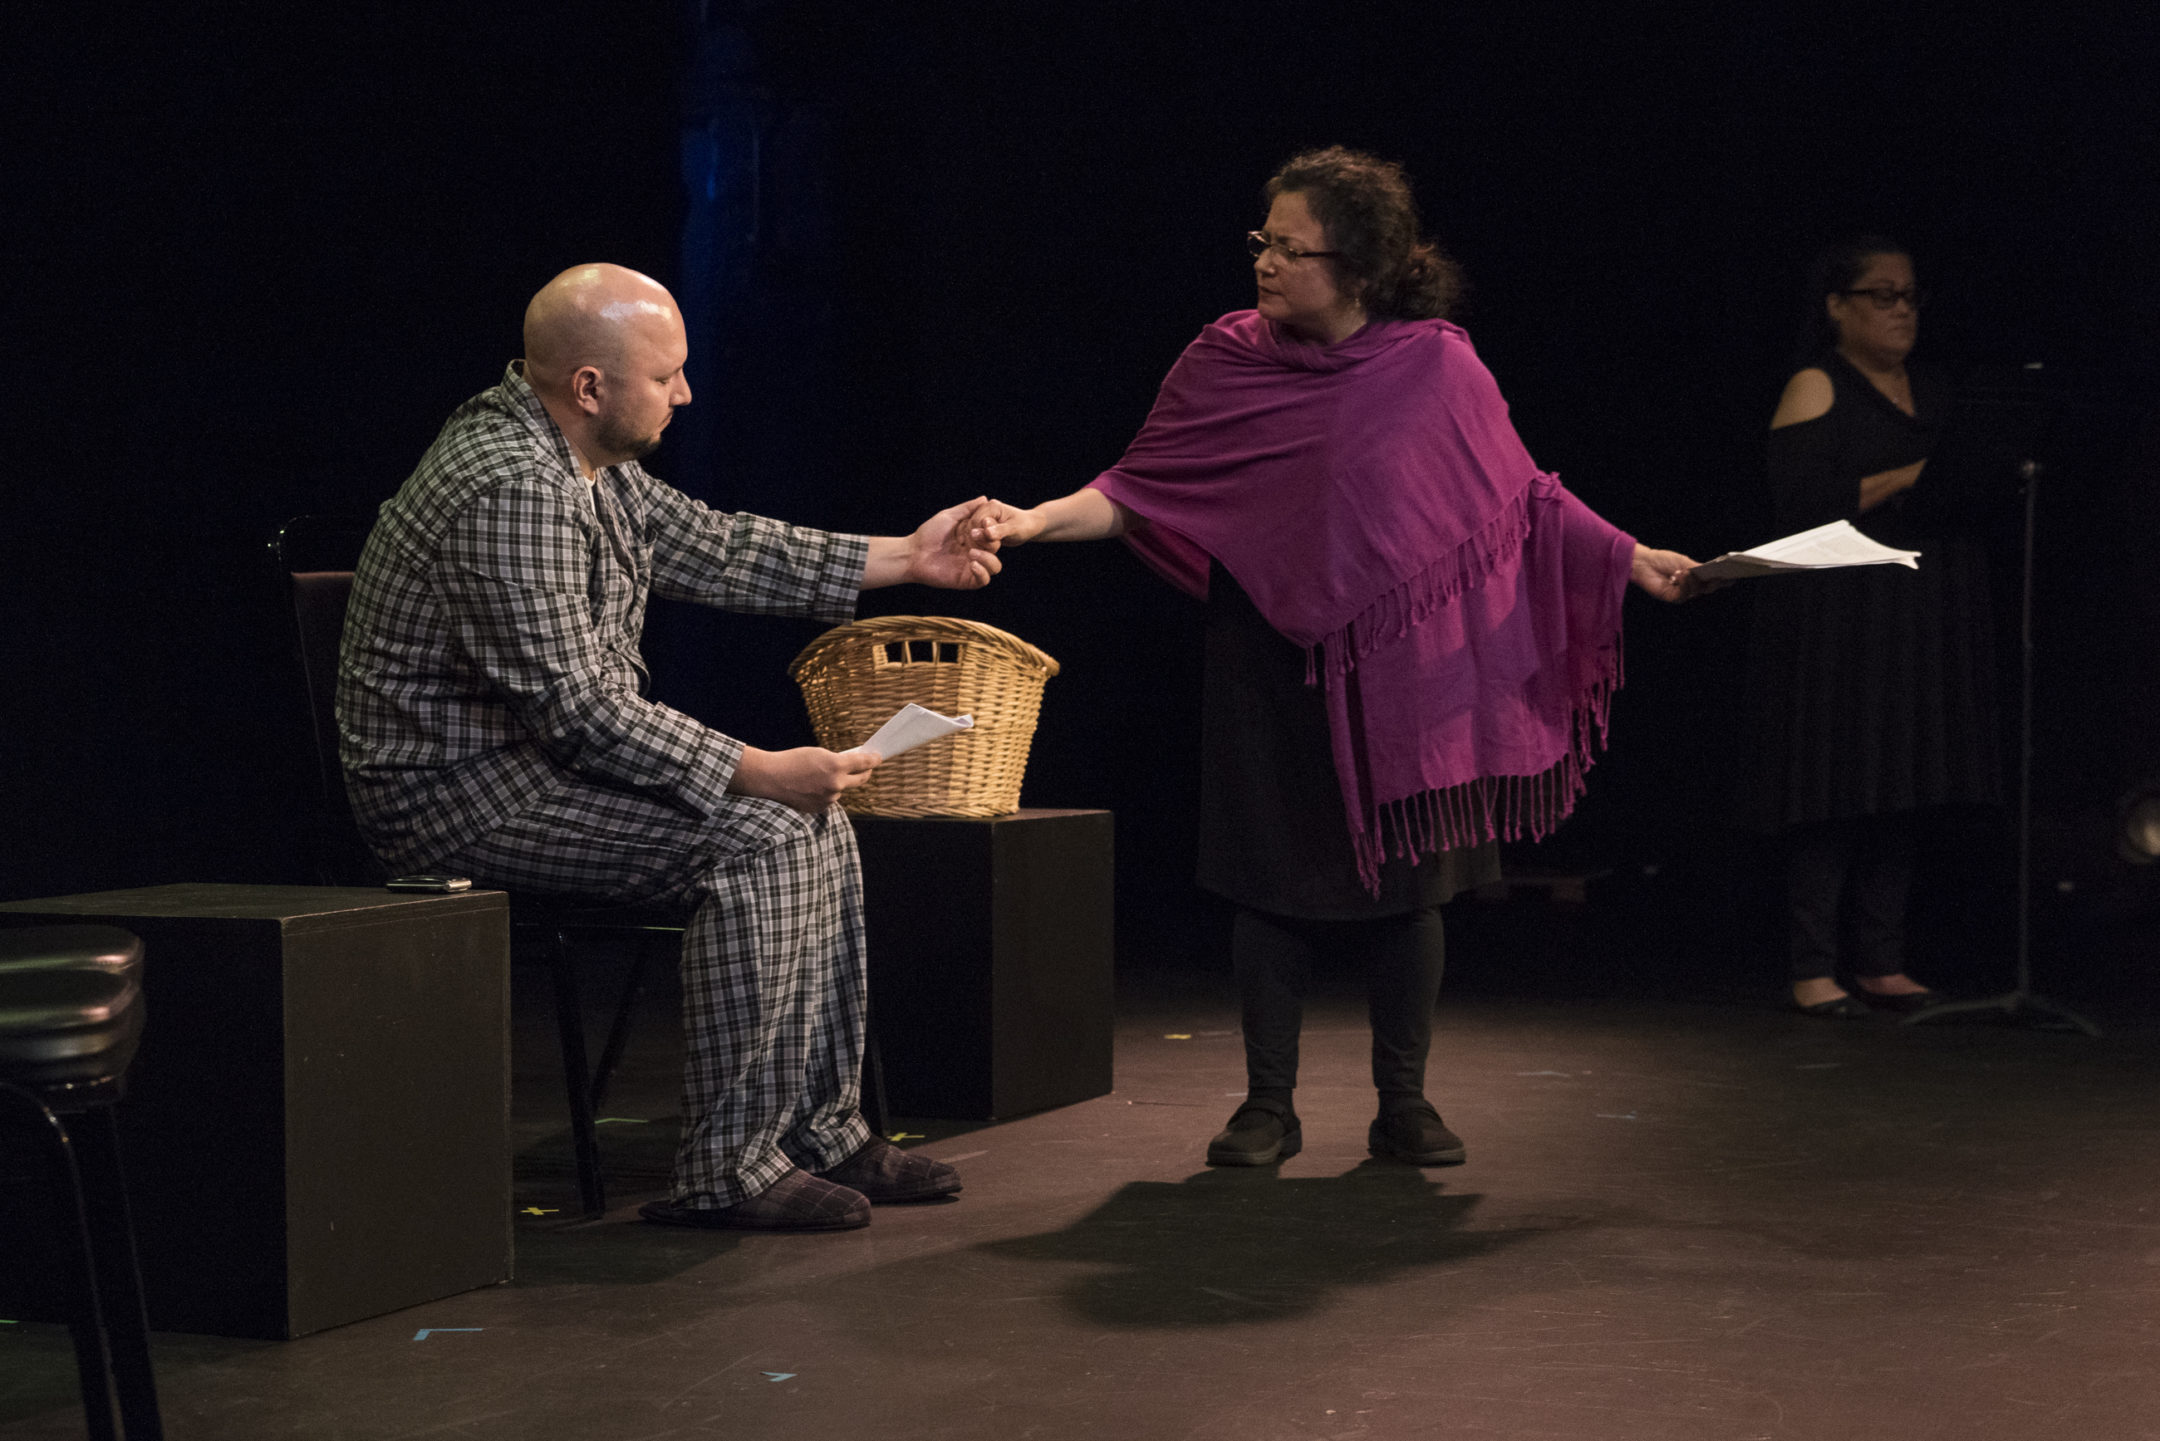 ¡OBRAS EN EVOLUCIÓN 2018! A Festival of New Play Readings, 2017